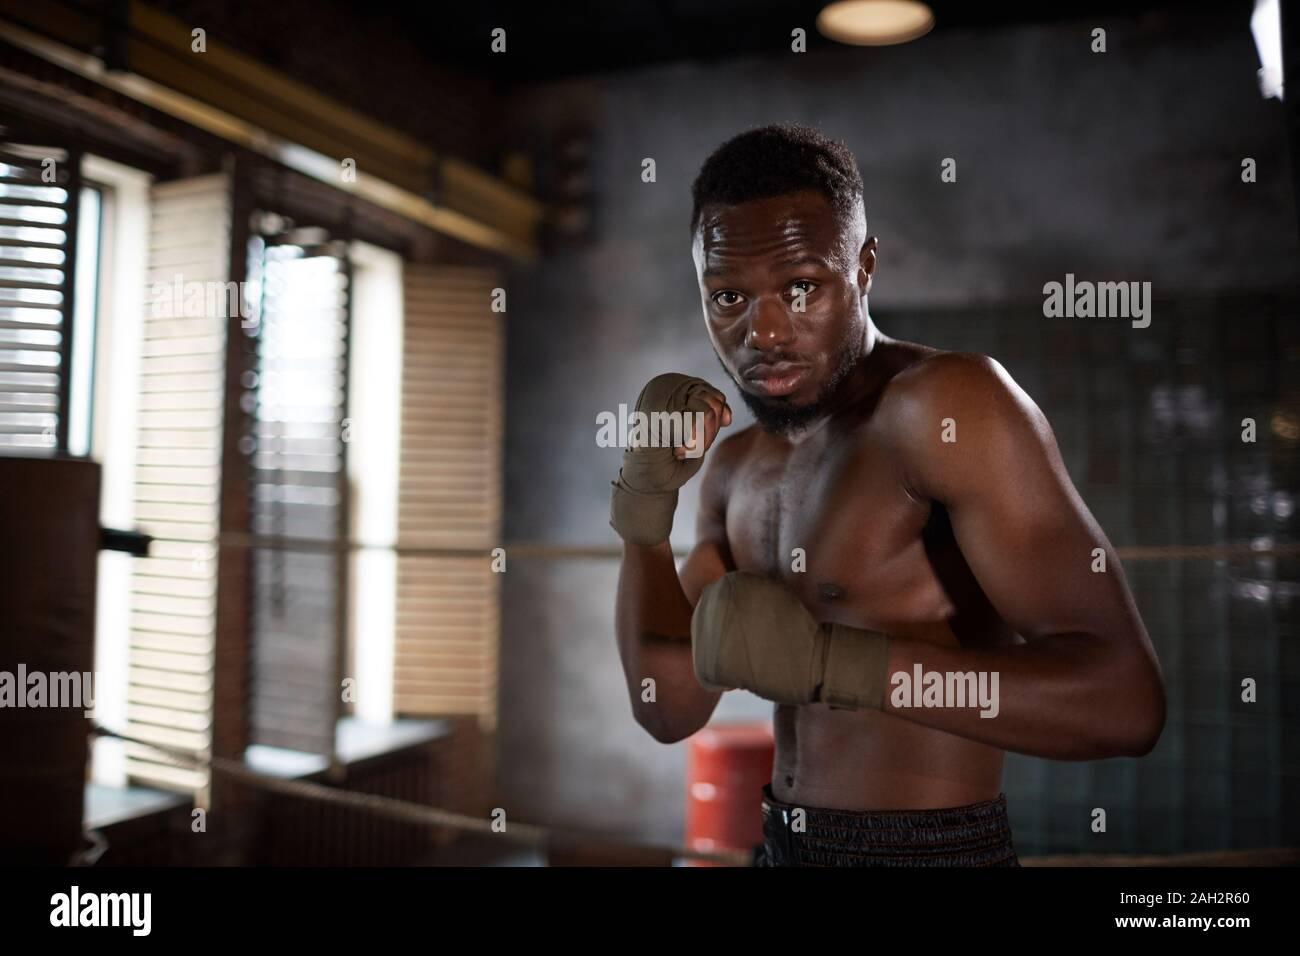 Retrato de jóvenes africanos musculoso hombre de pie y posando en cámara mientras que el entrenamiento en el gimnasio Foto de stock